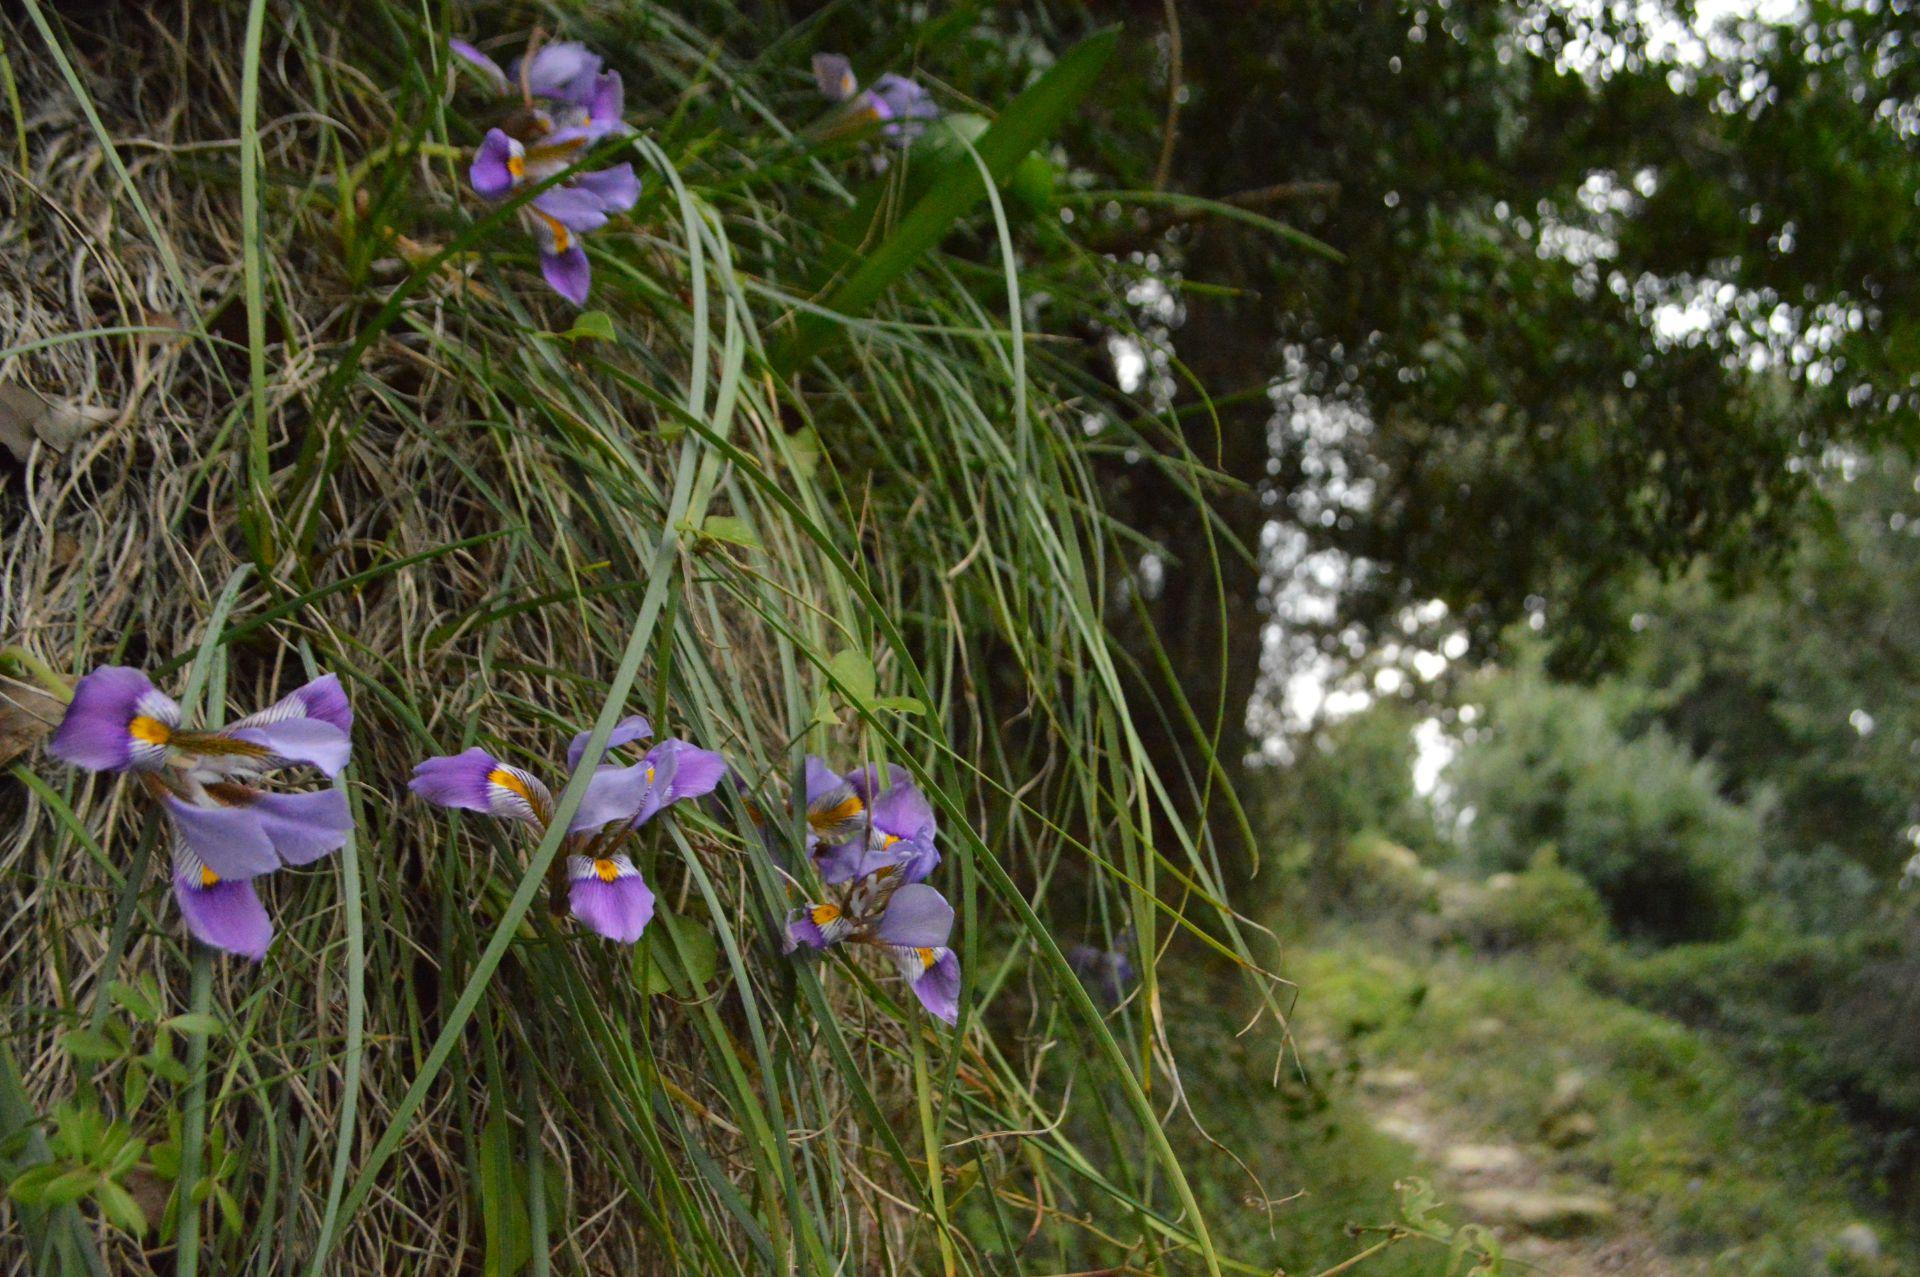 Margarites valley